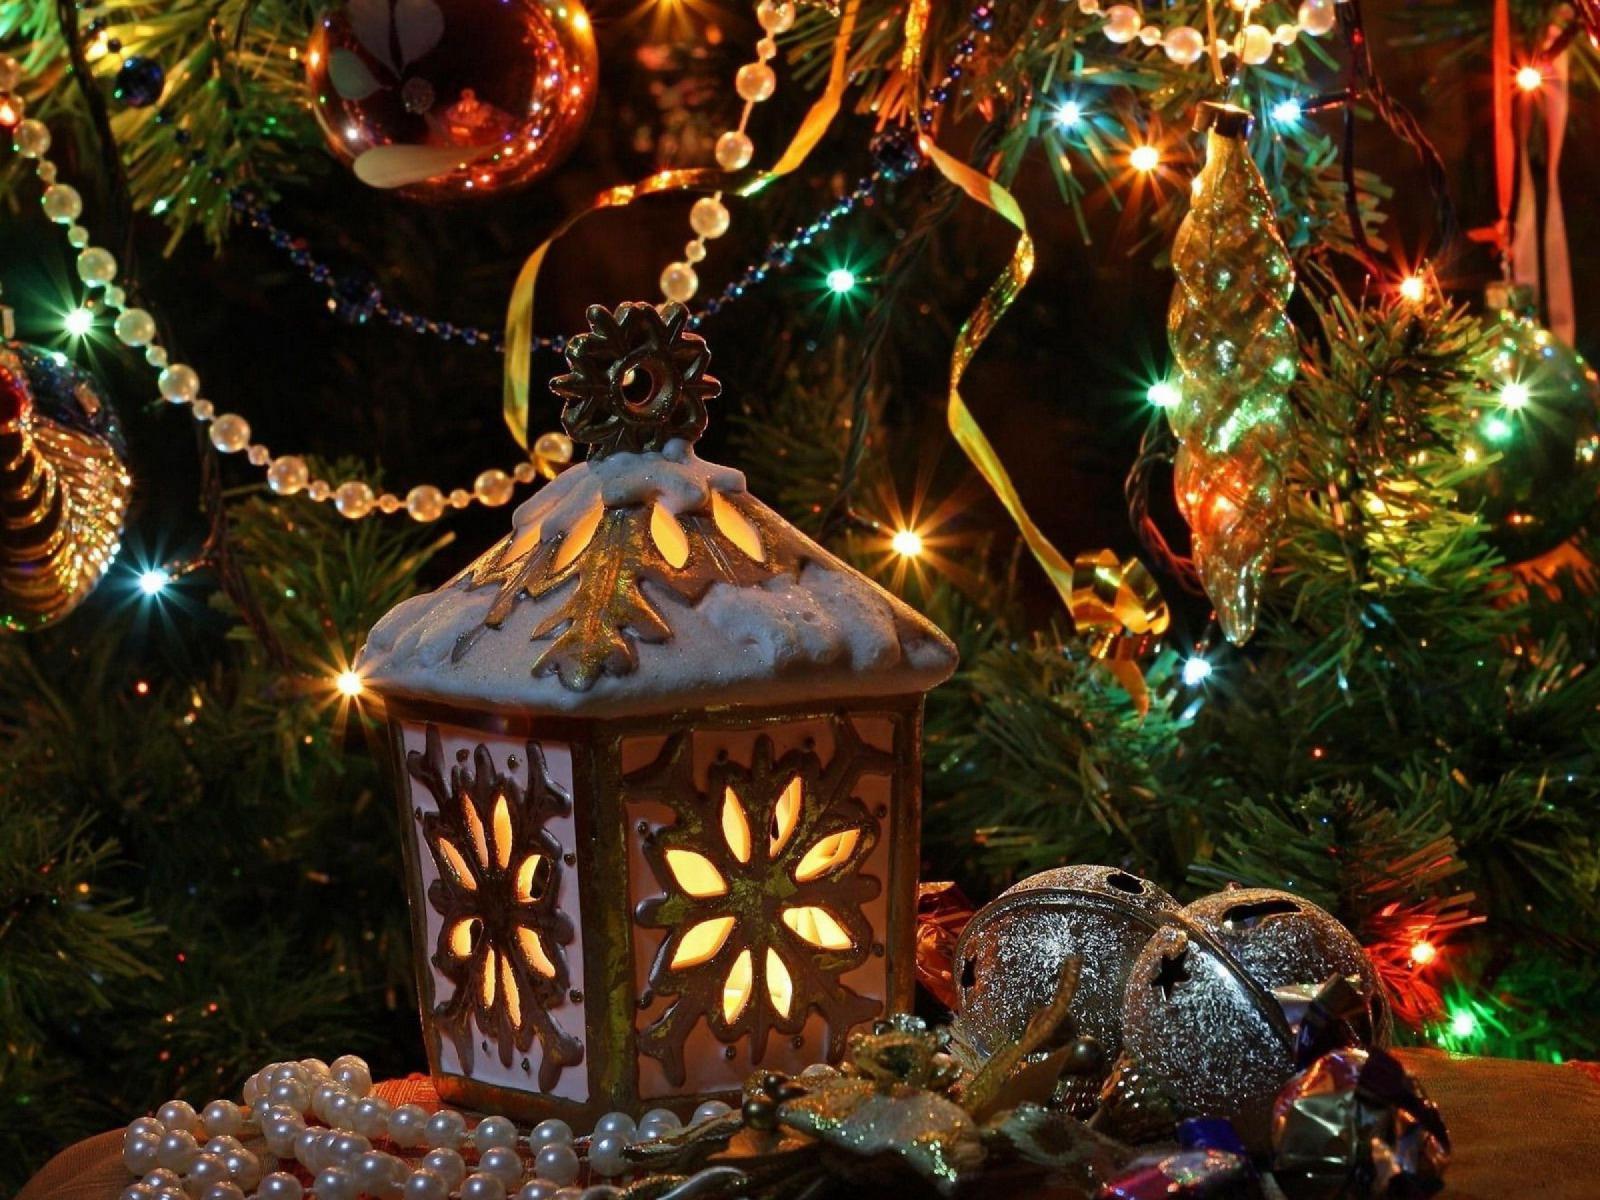 смотрящим картинки на рабочий стол рождество пожелания много терпения